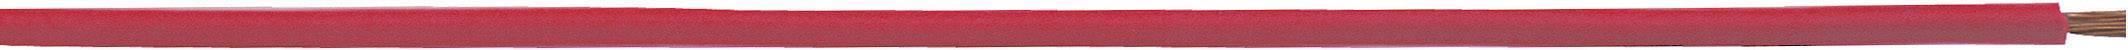 Opletenie / lanko LappKabel 4510123 H05V-K, 1 x 1 mm², vonkajší Ø 2.60 mm, 100 m, zelená